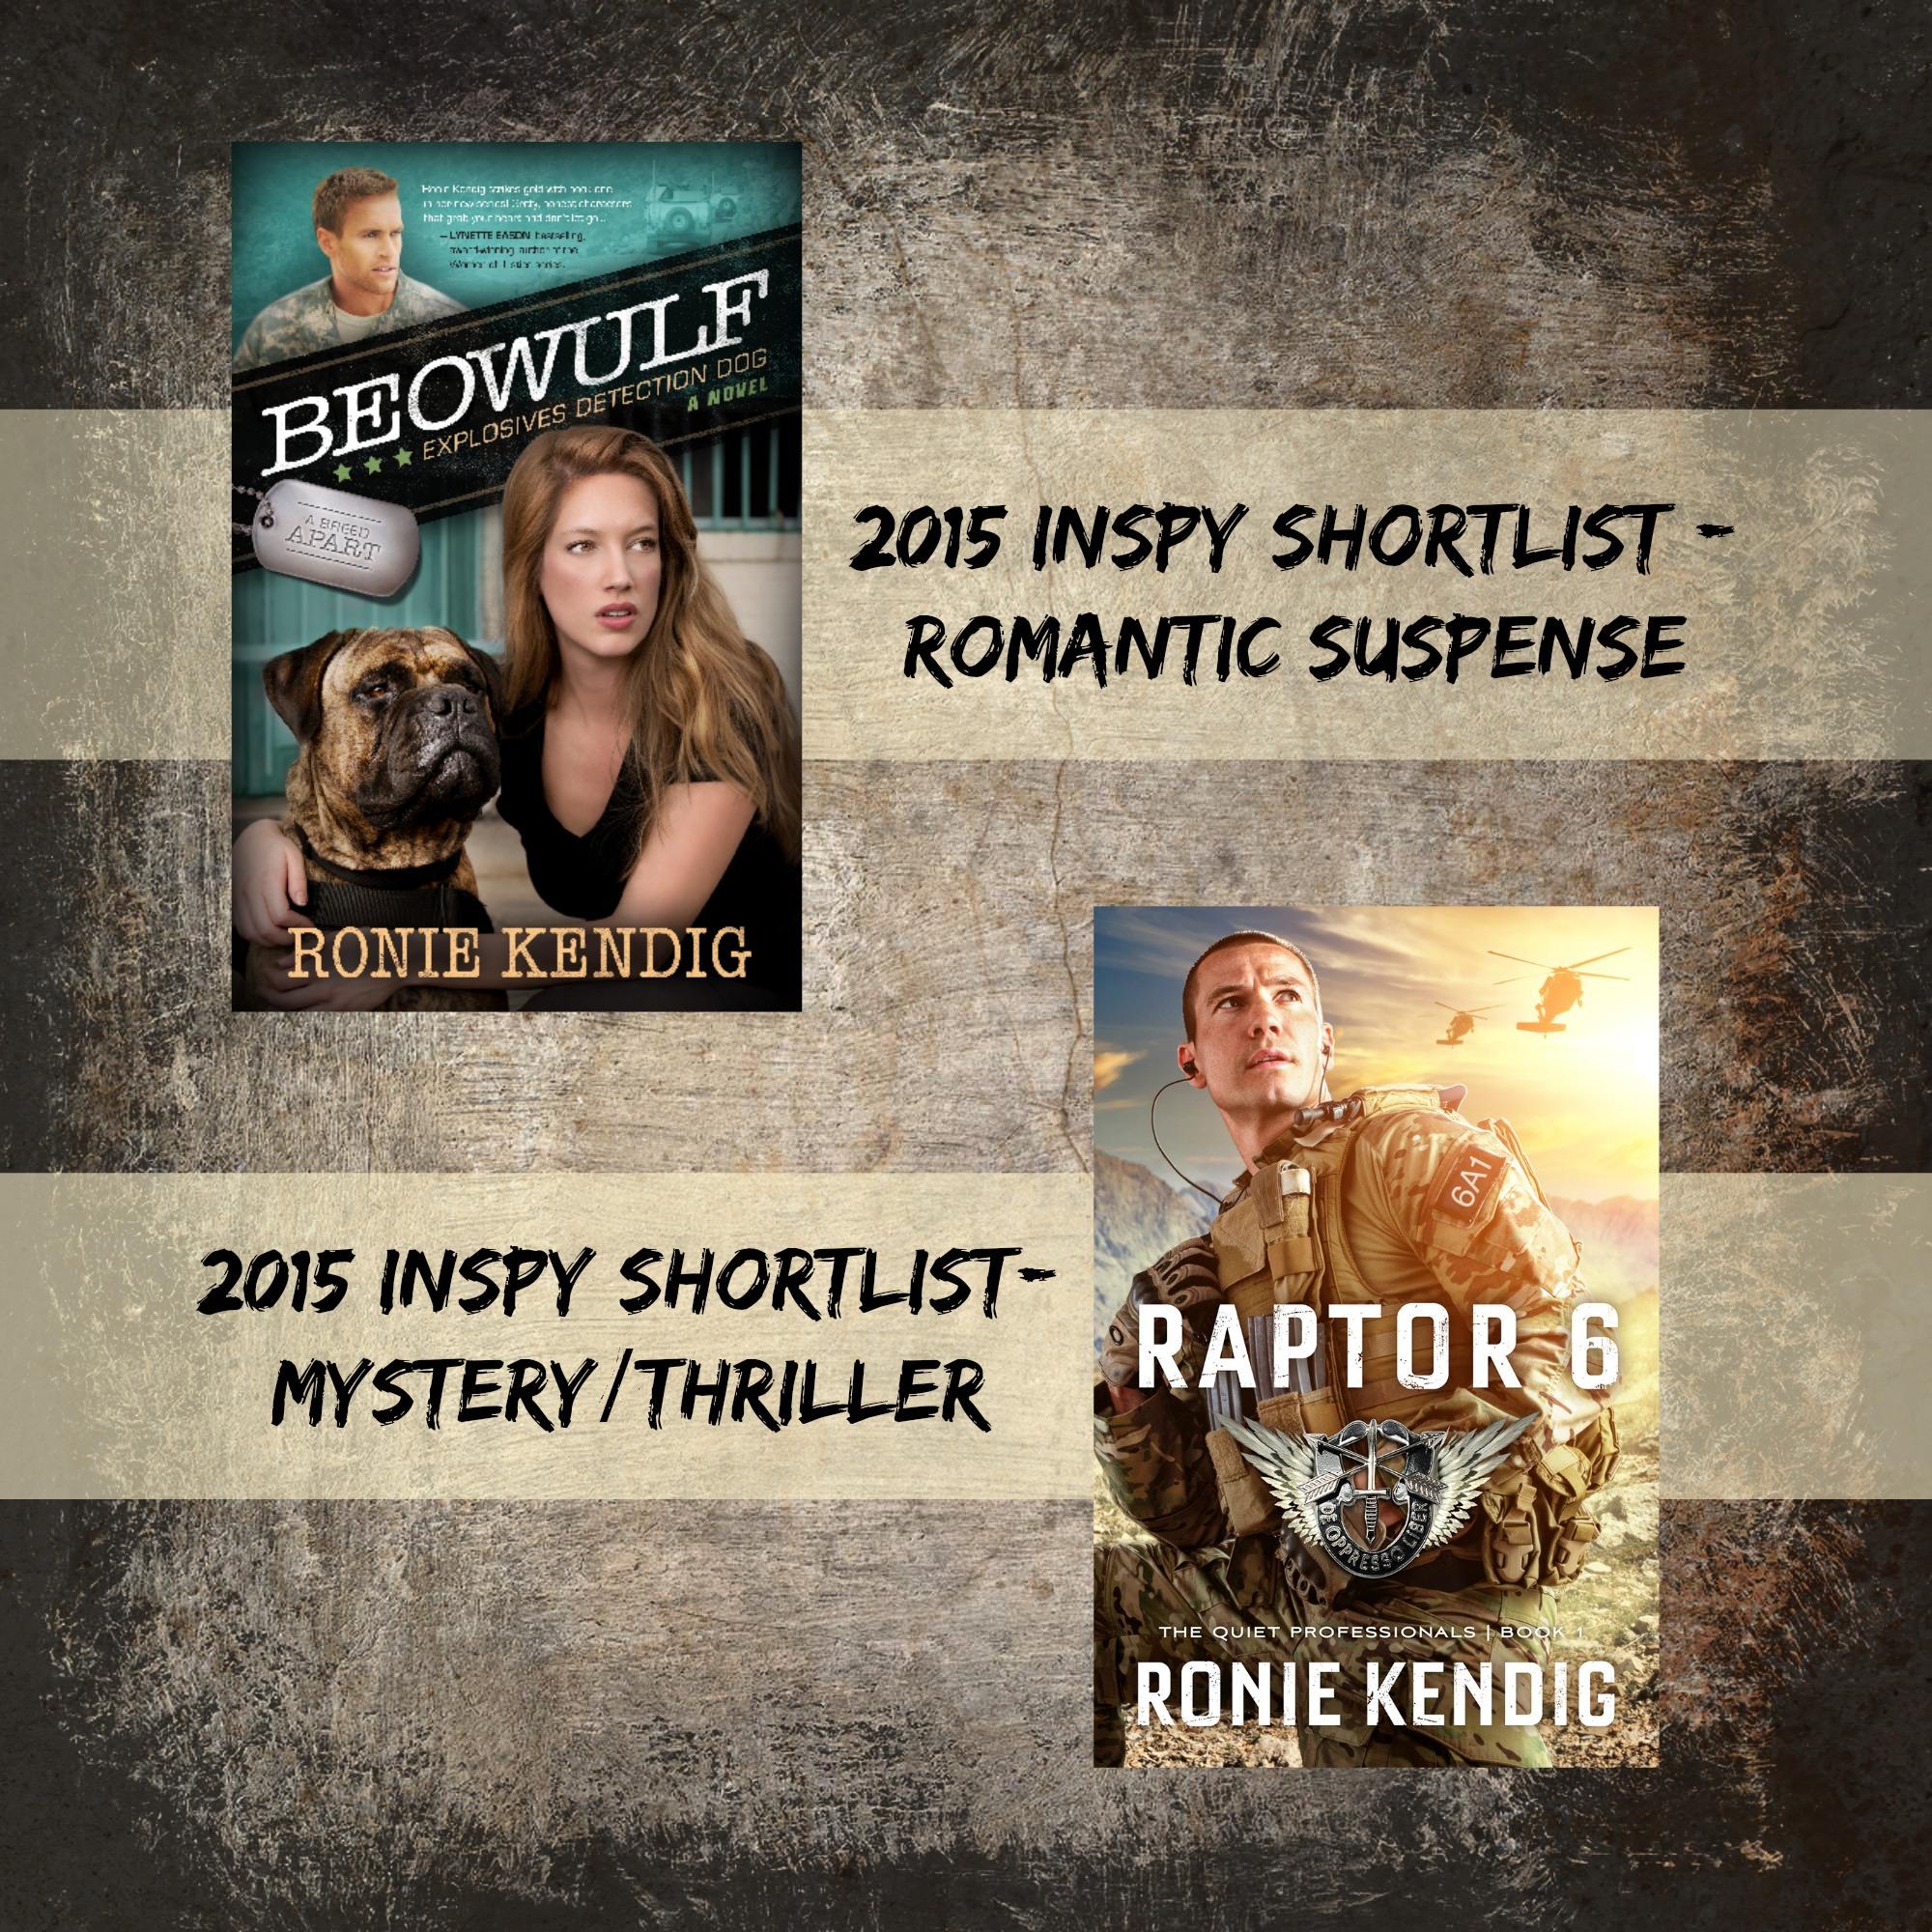 INSPY Shortlist – Beowulf & Raptor 6